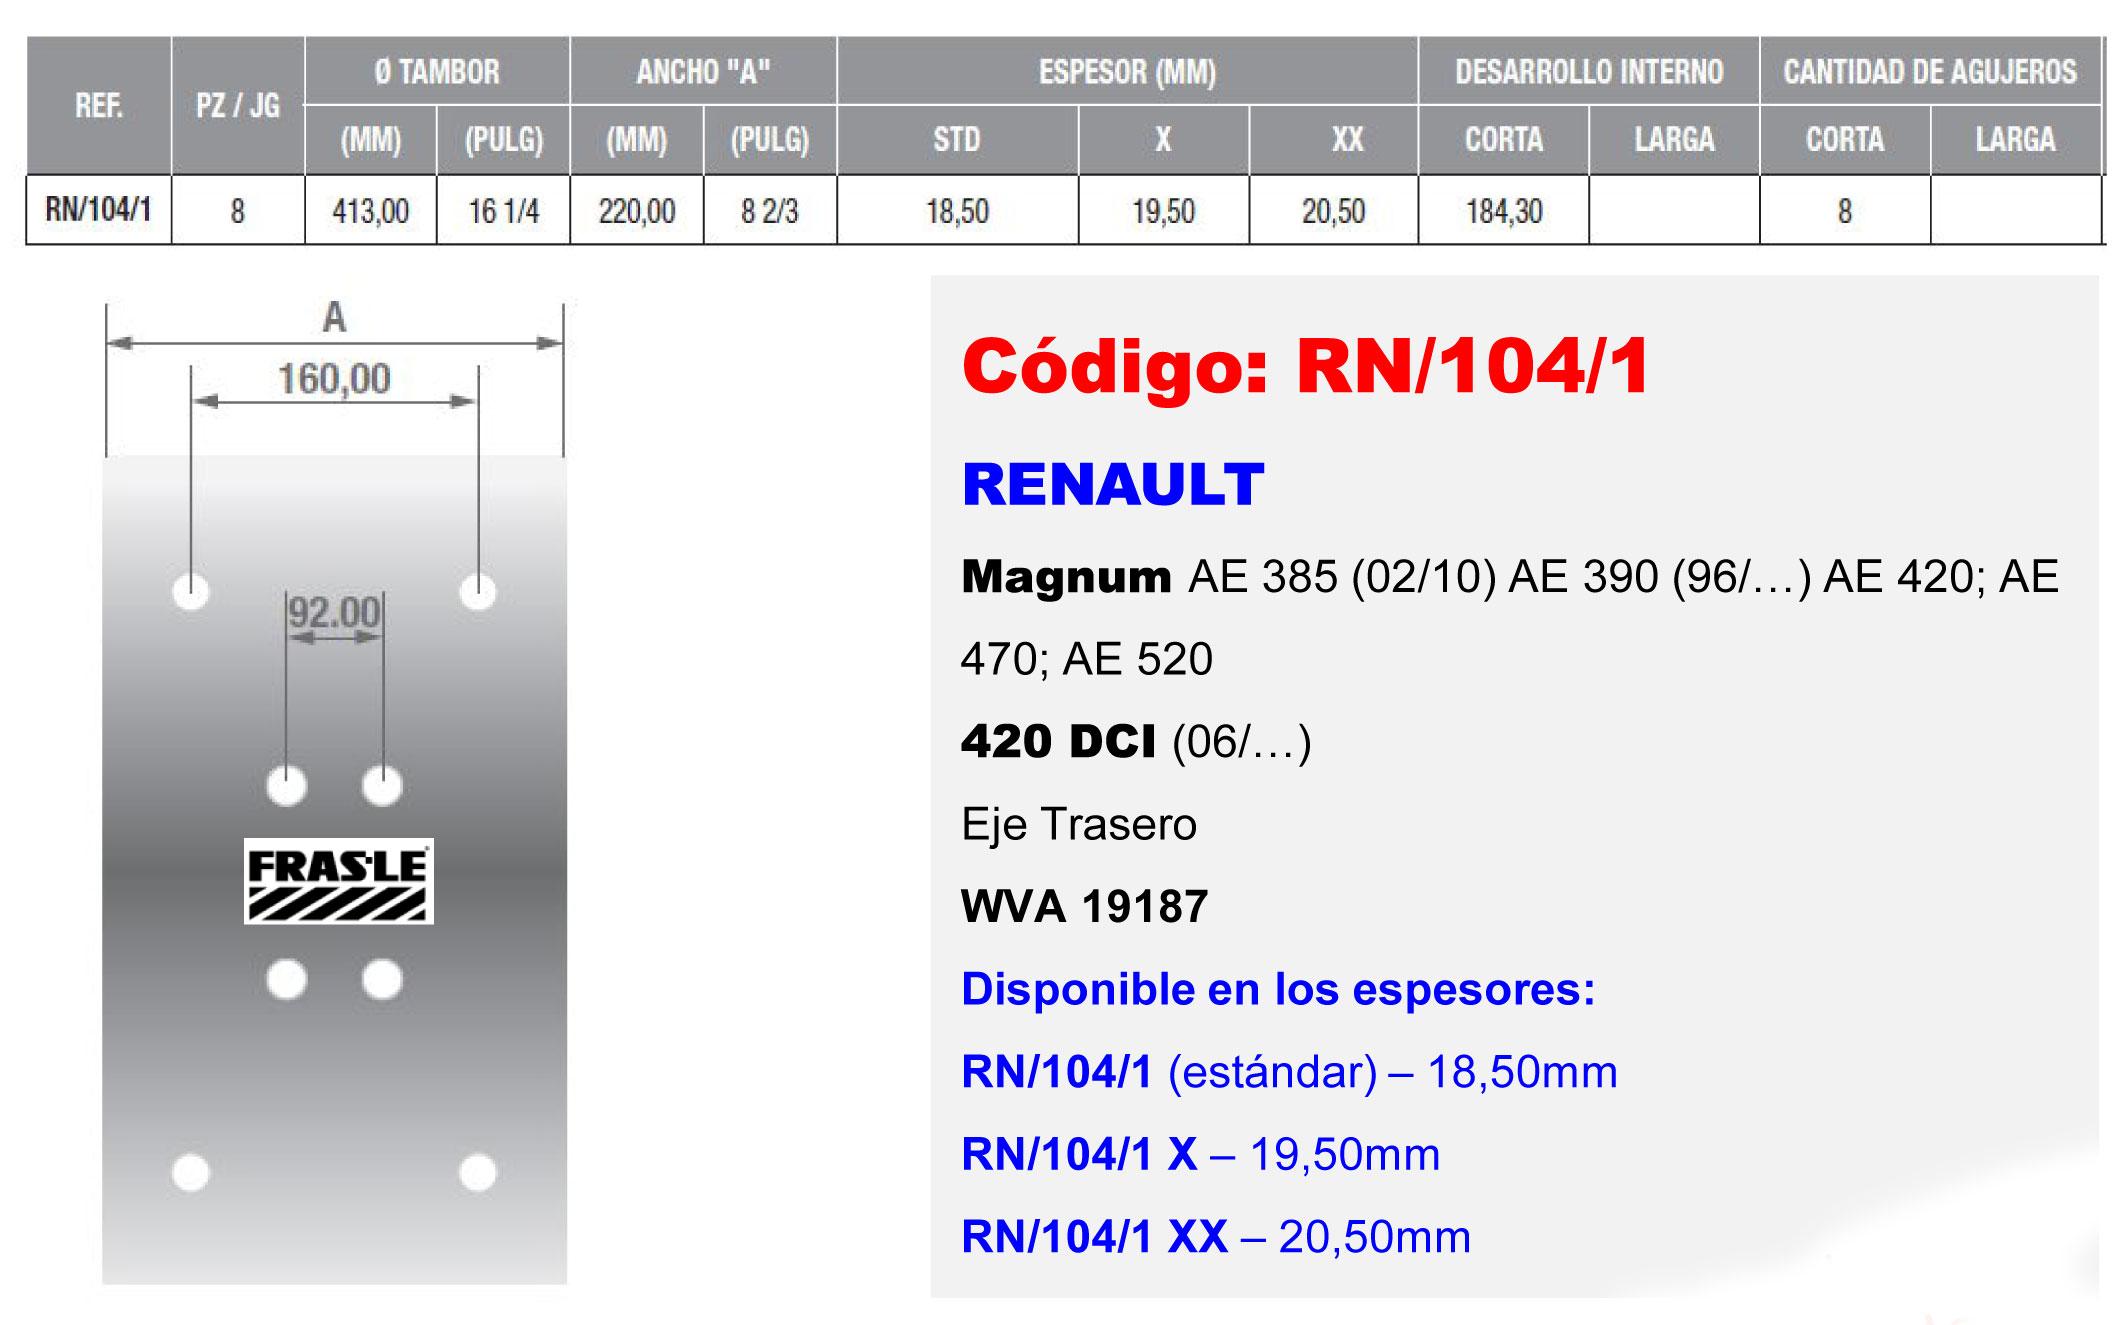 Nro367_020616_Nuevo-Bloque-de-Freno-RN-104